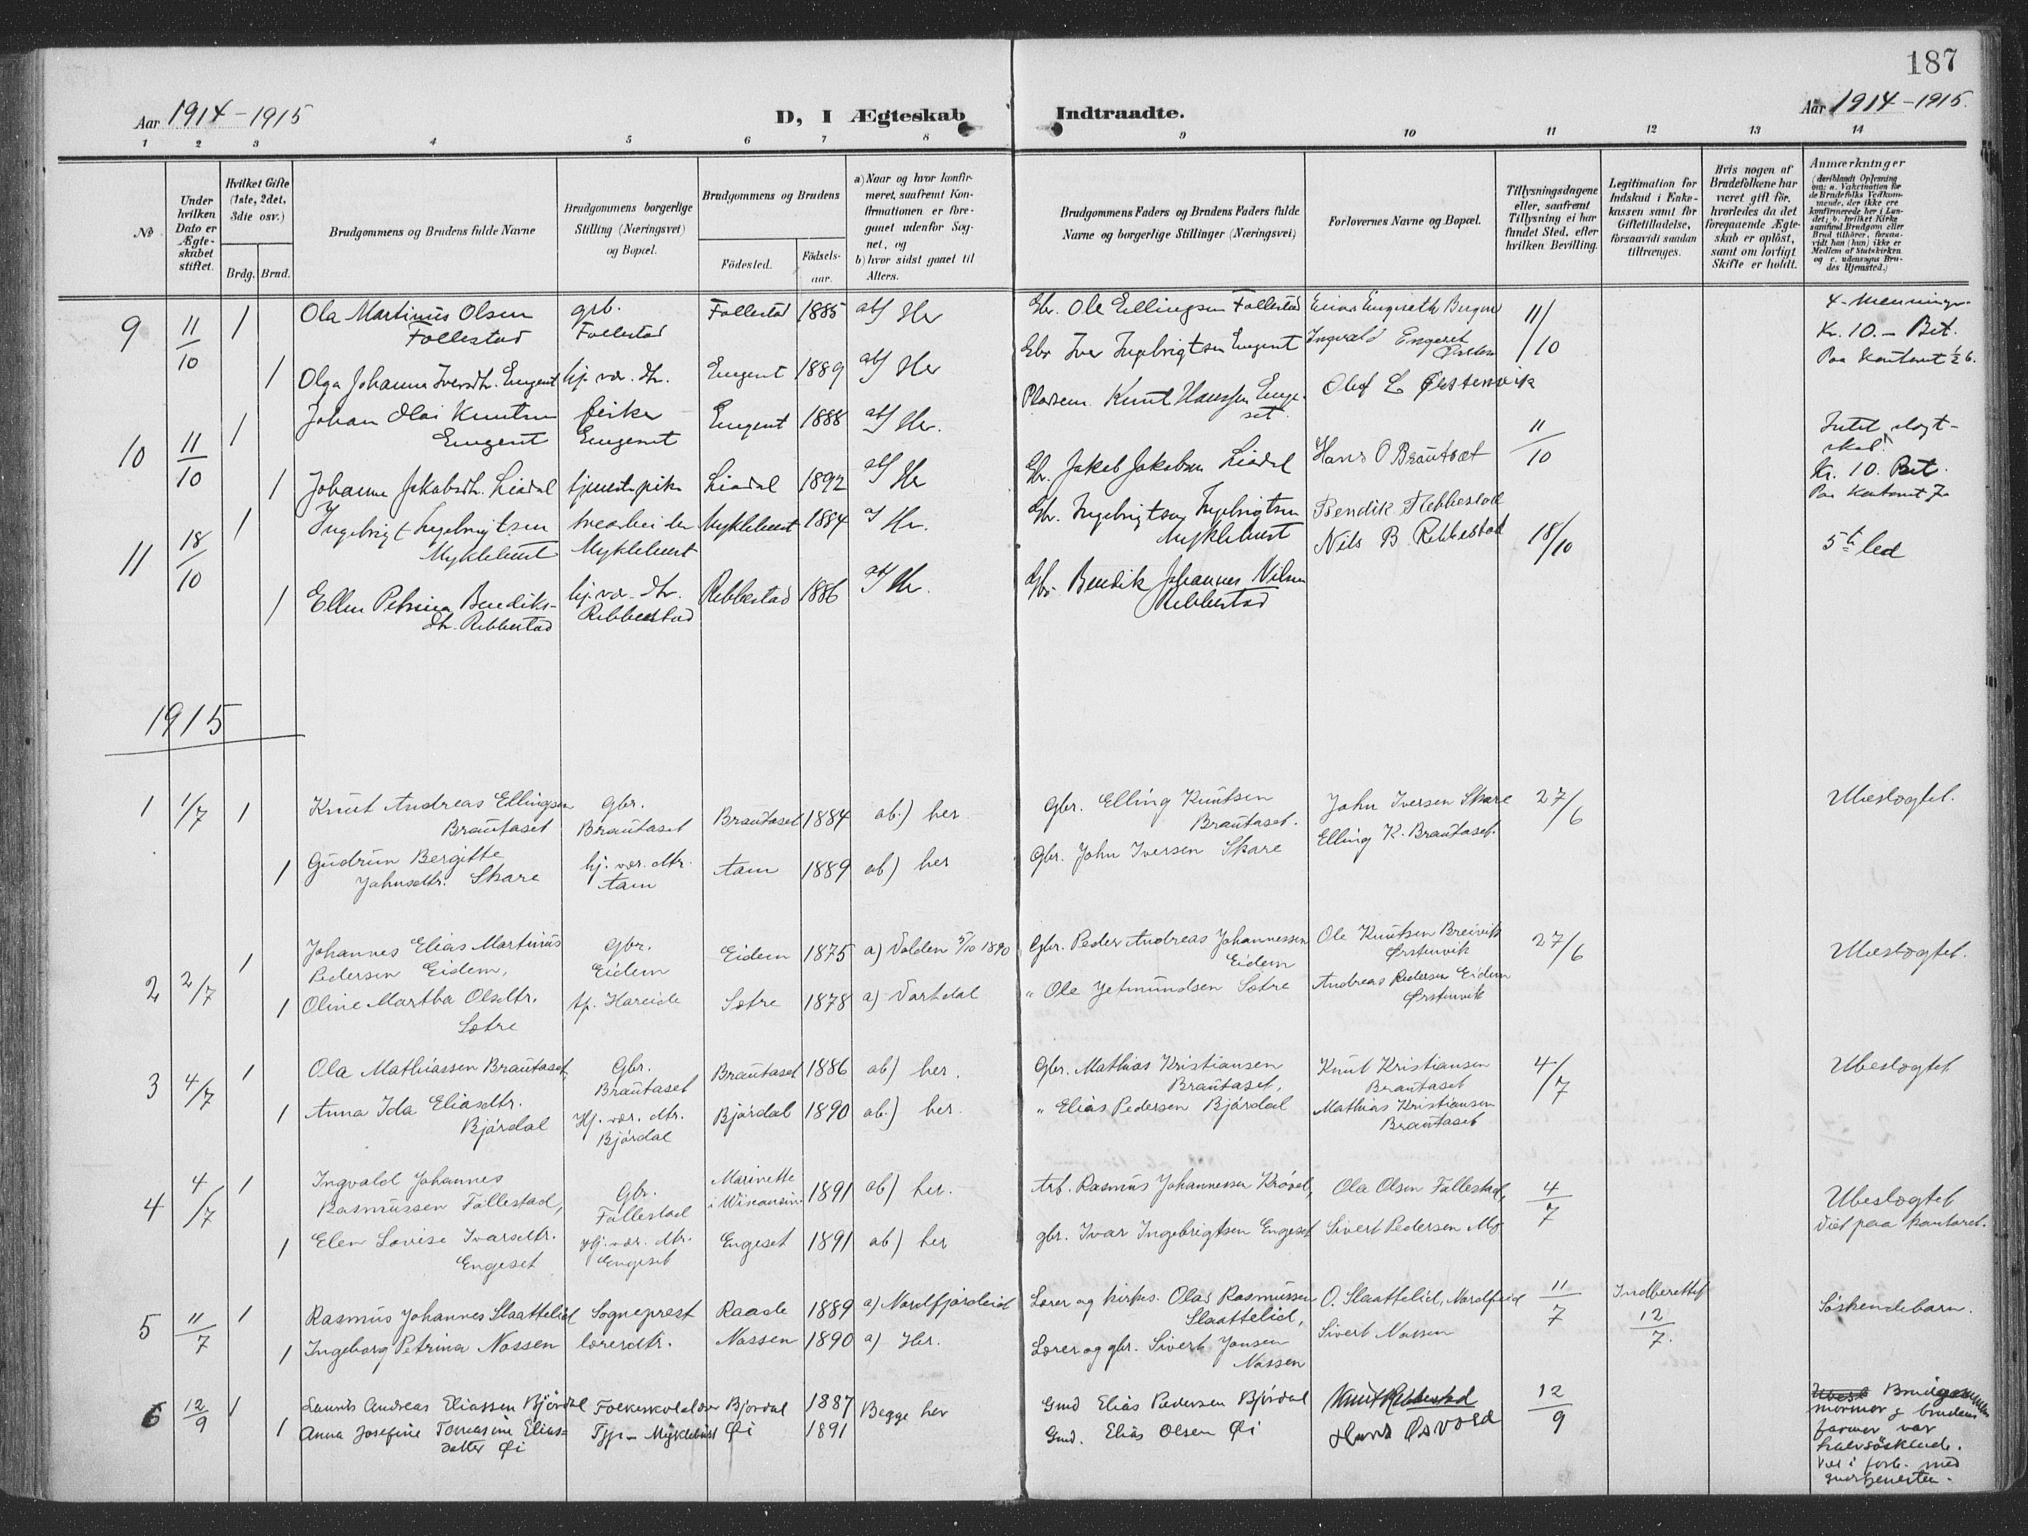 SAT, Ministerialprotokoller, klokkerbøker og fødselsregistre - Møre og Romsdal, 513/L0178: Ministerialbok nr. 513A05, 1906-1919, s. 187